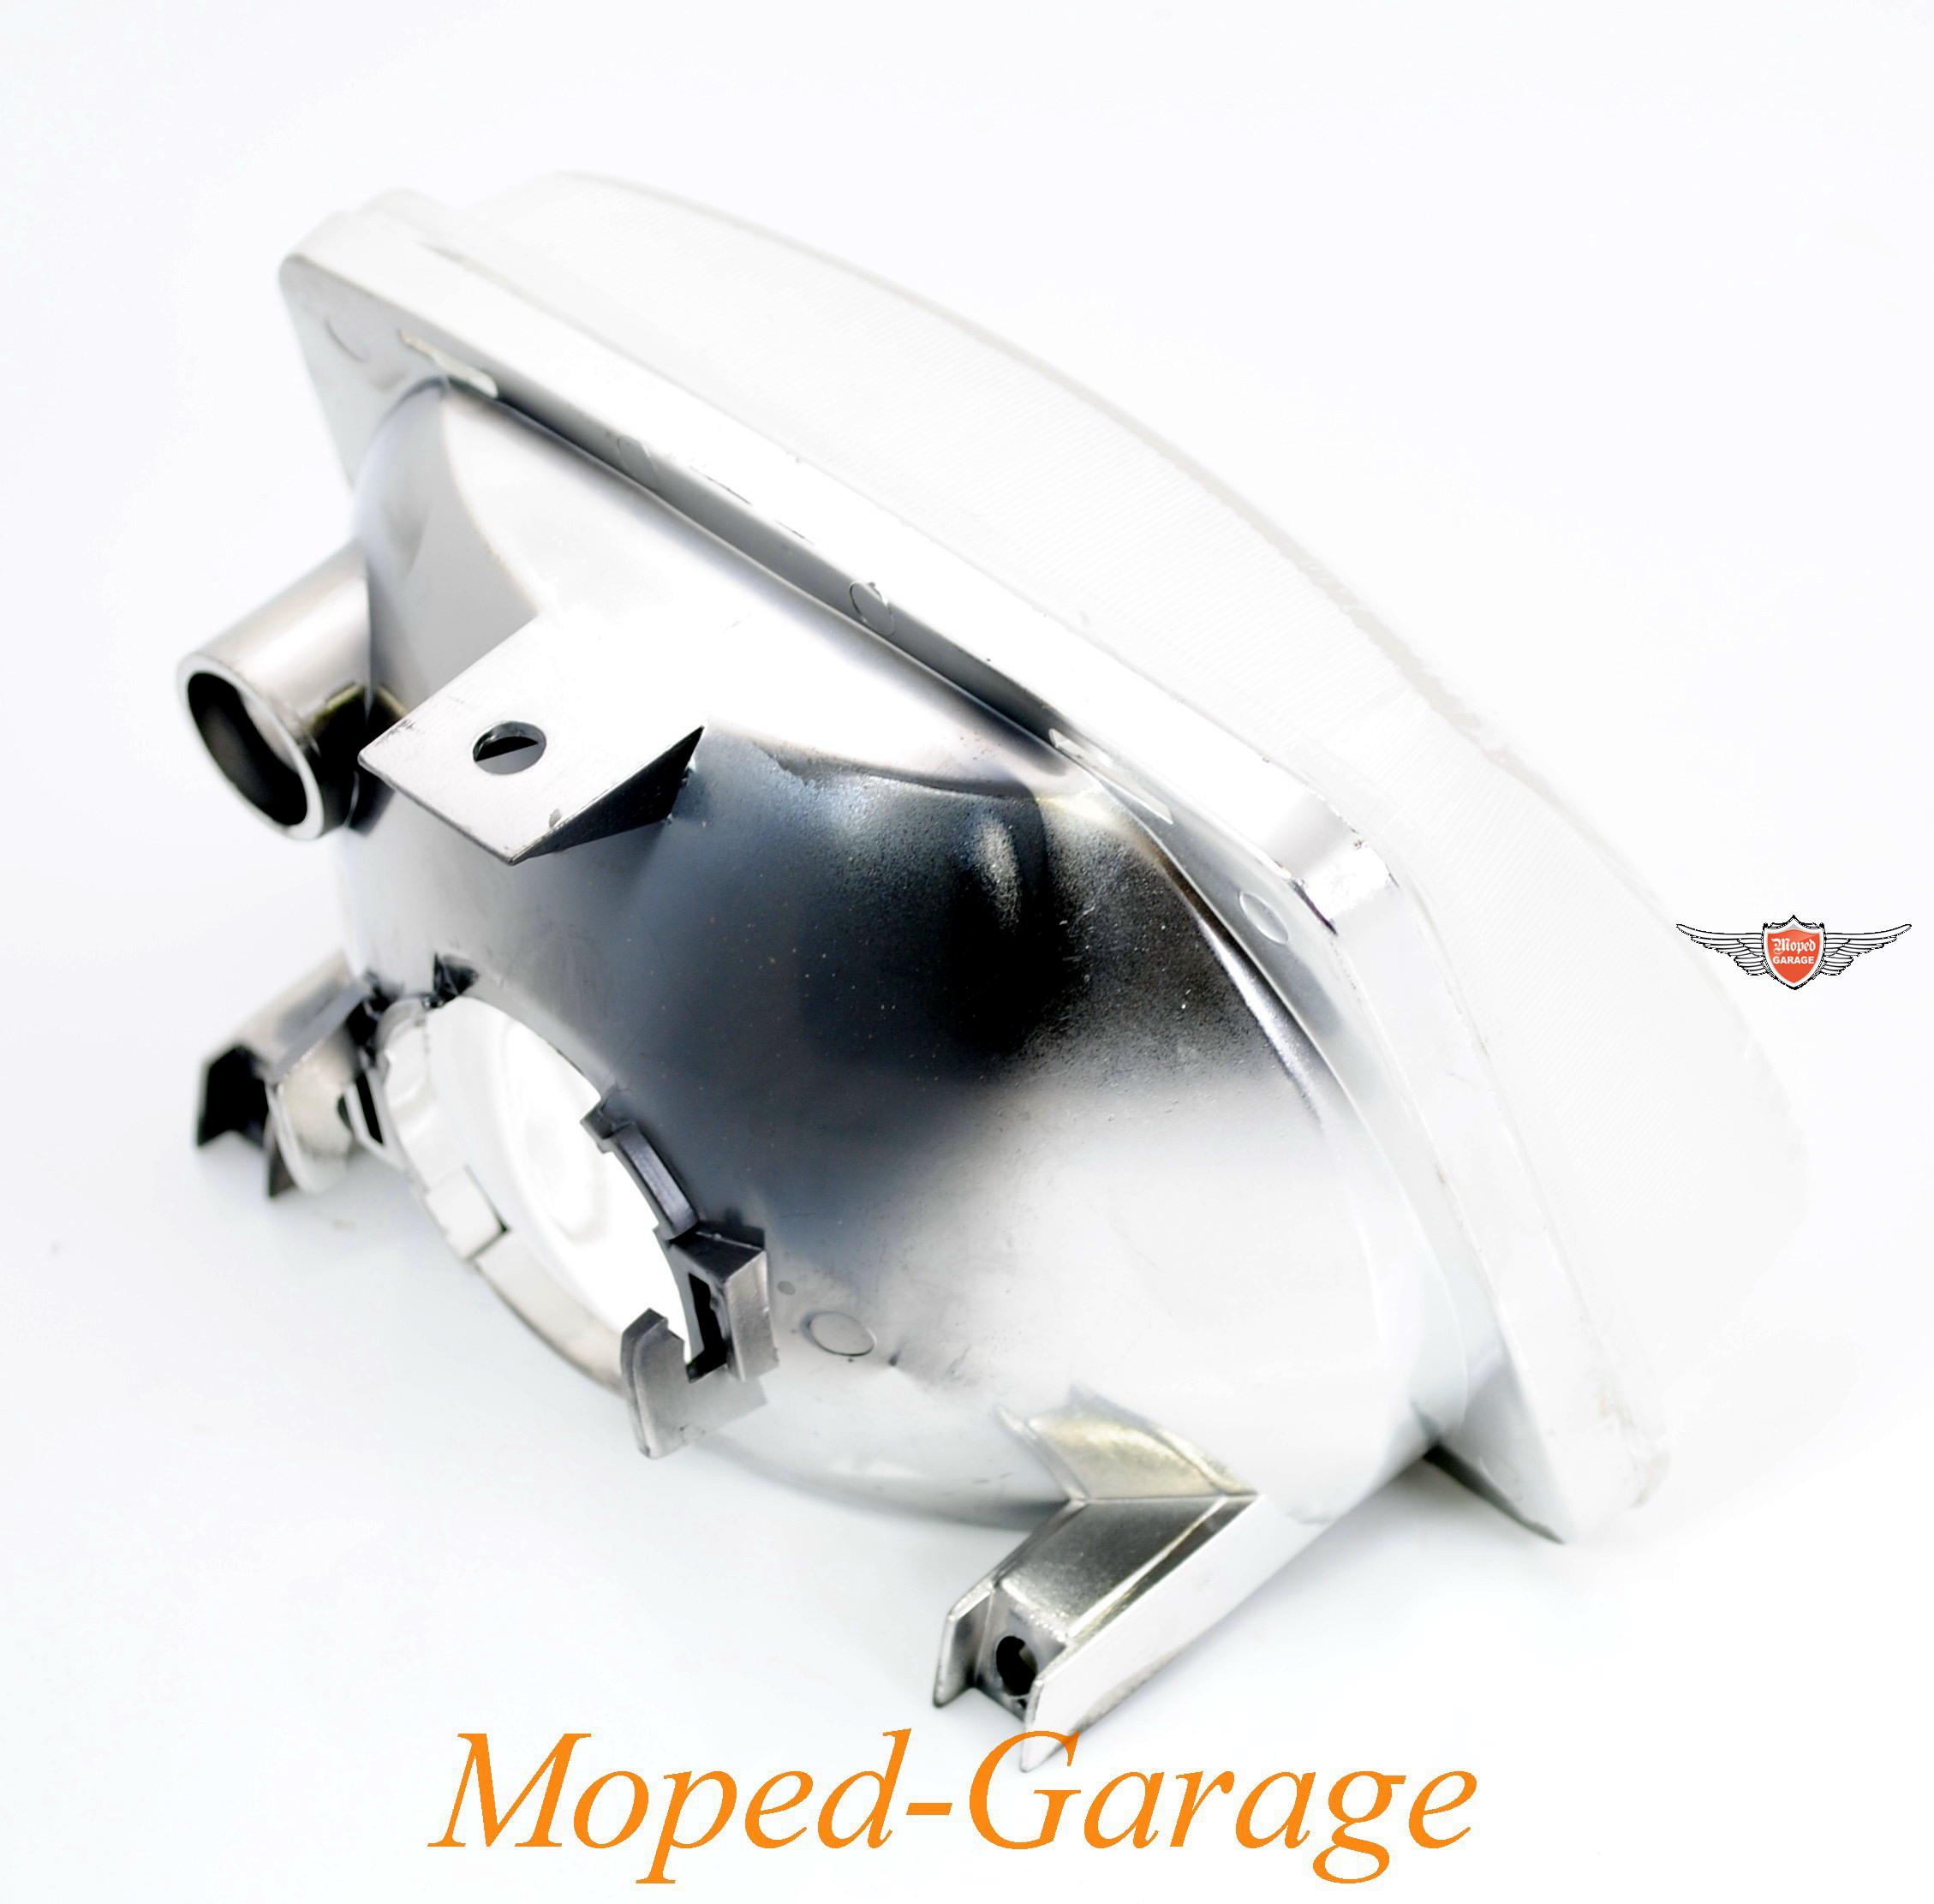 moped honda vision roller scheinwerfer. Black Bedroom Furniture Sets. Home Design Ideas